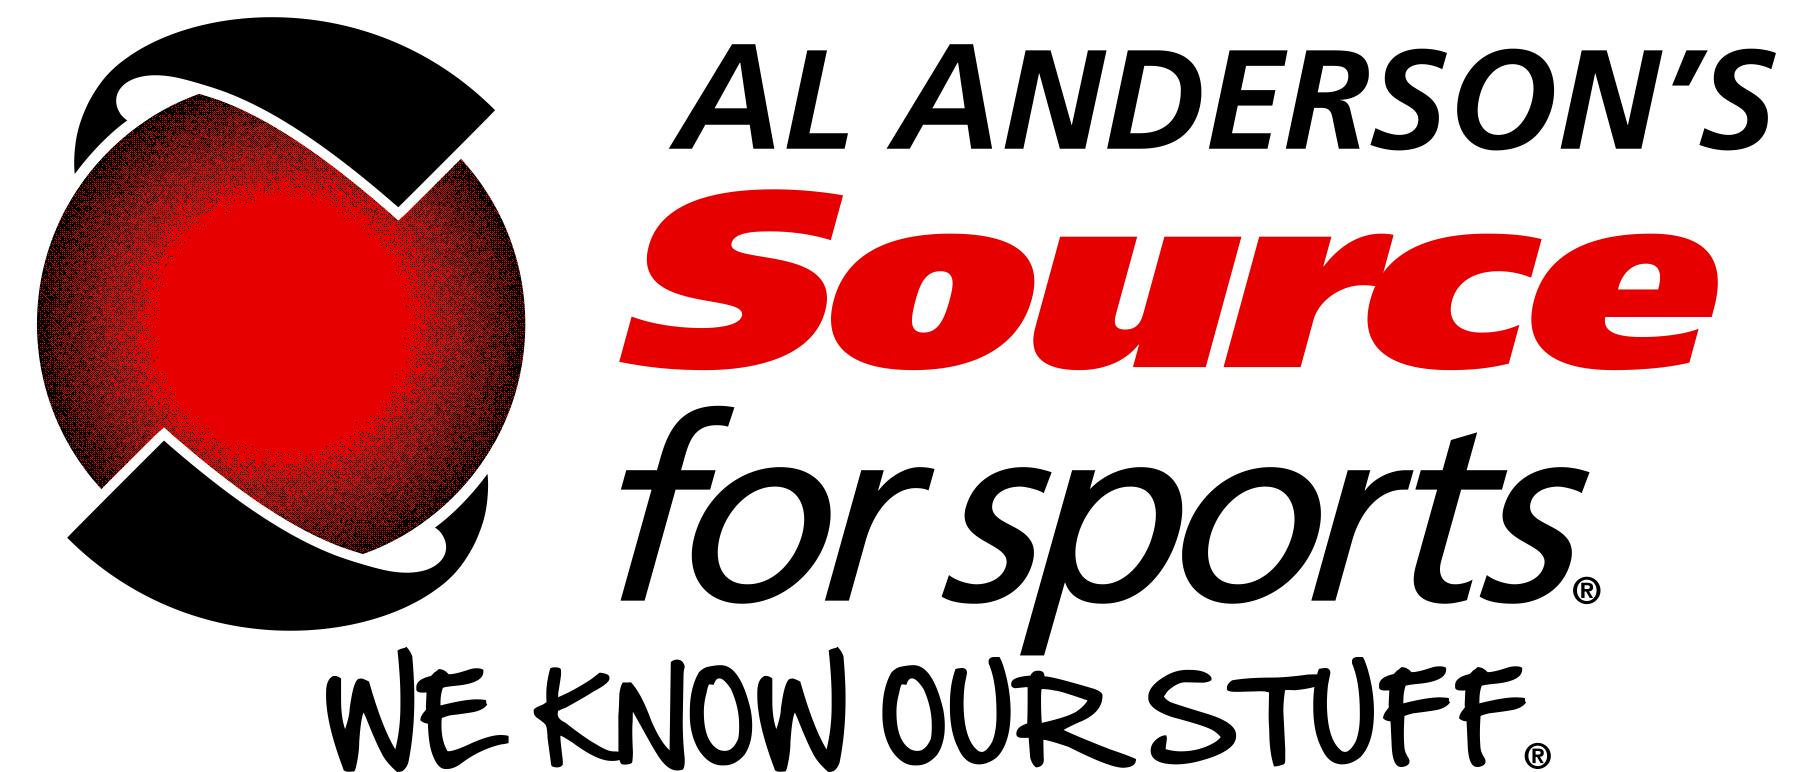 al-andersons-logo